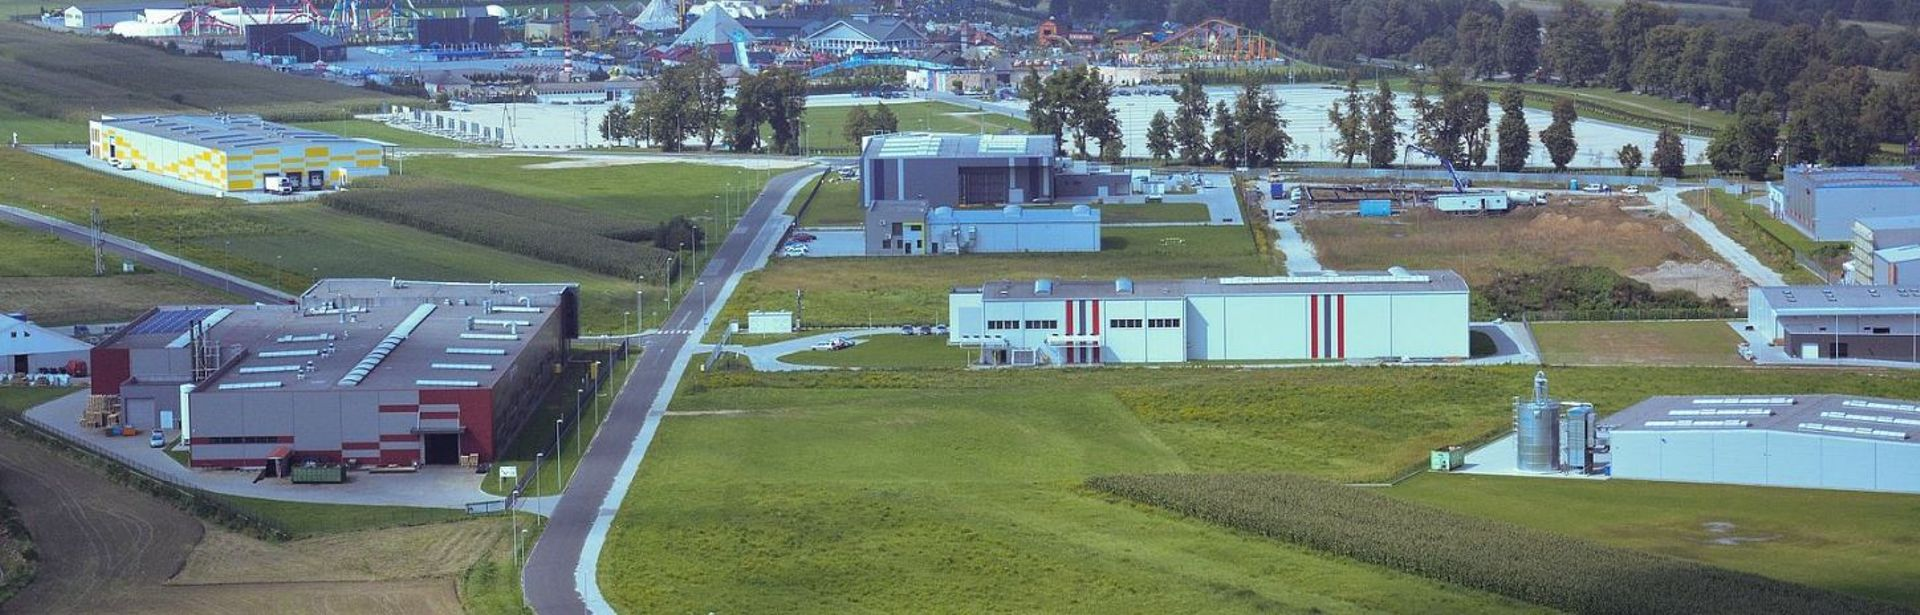 Małopolska: Dwie polskie firmy rozbudują swoje fabryki w Zatorze